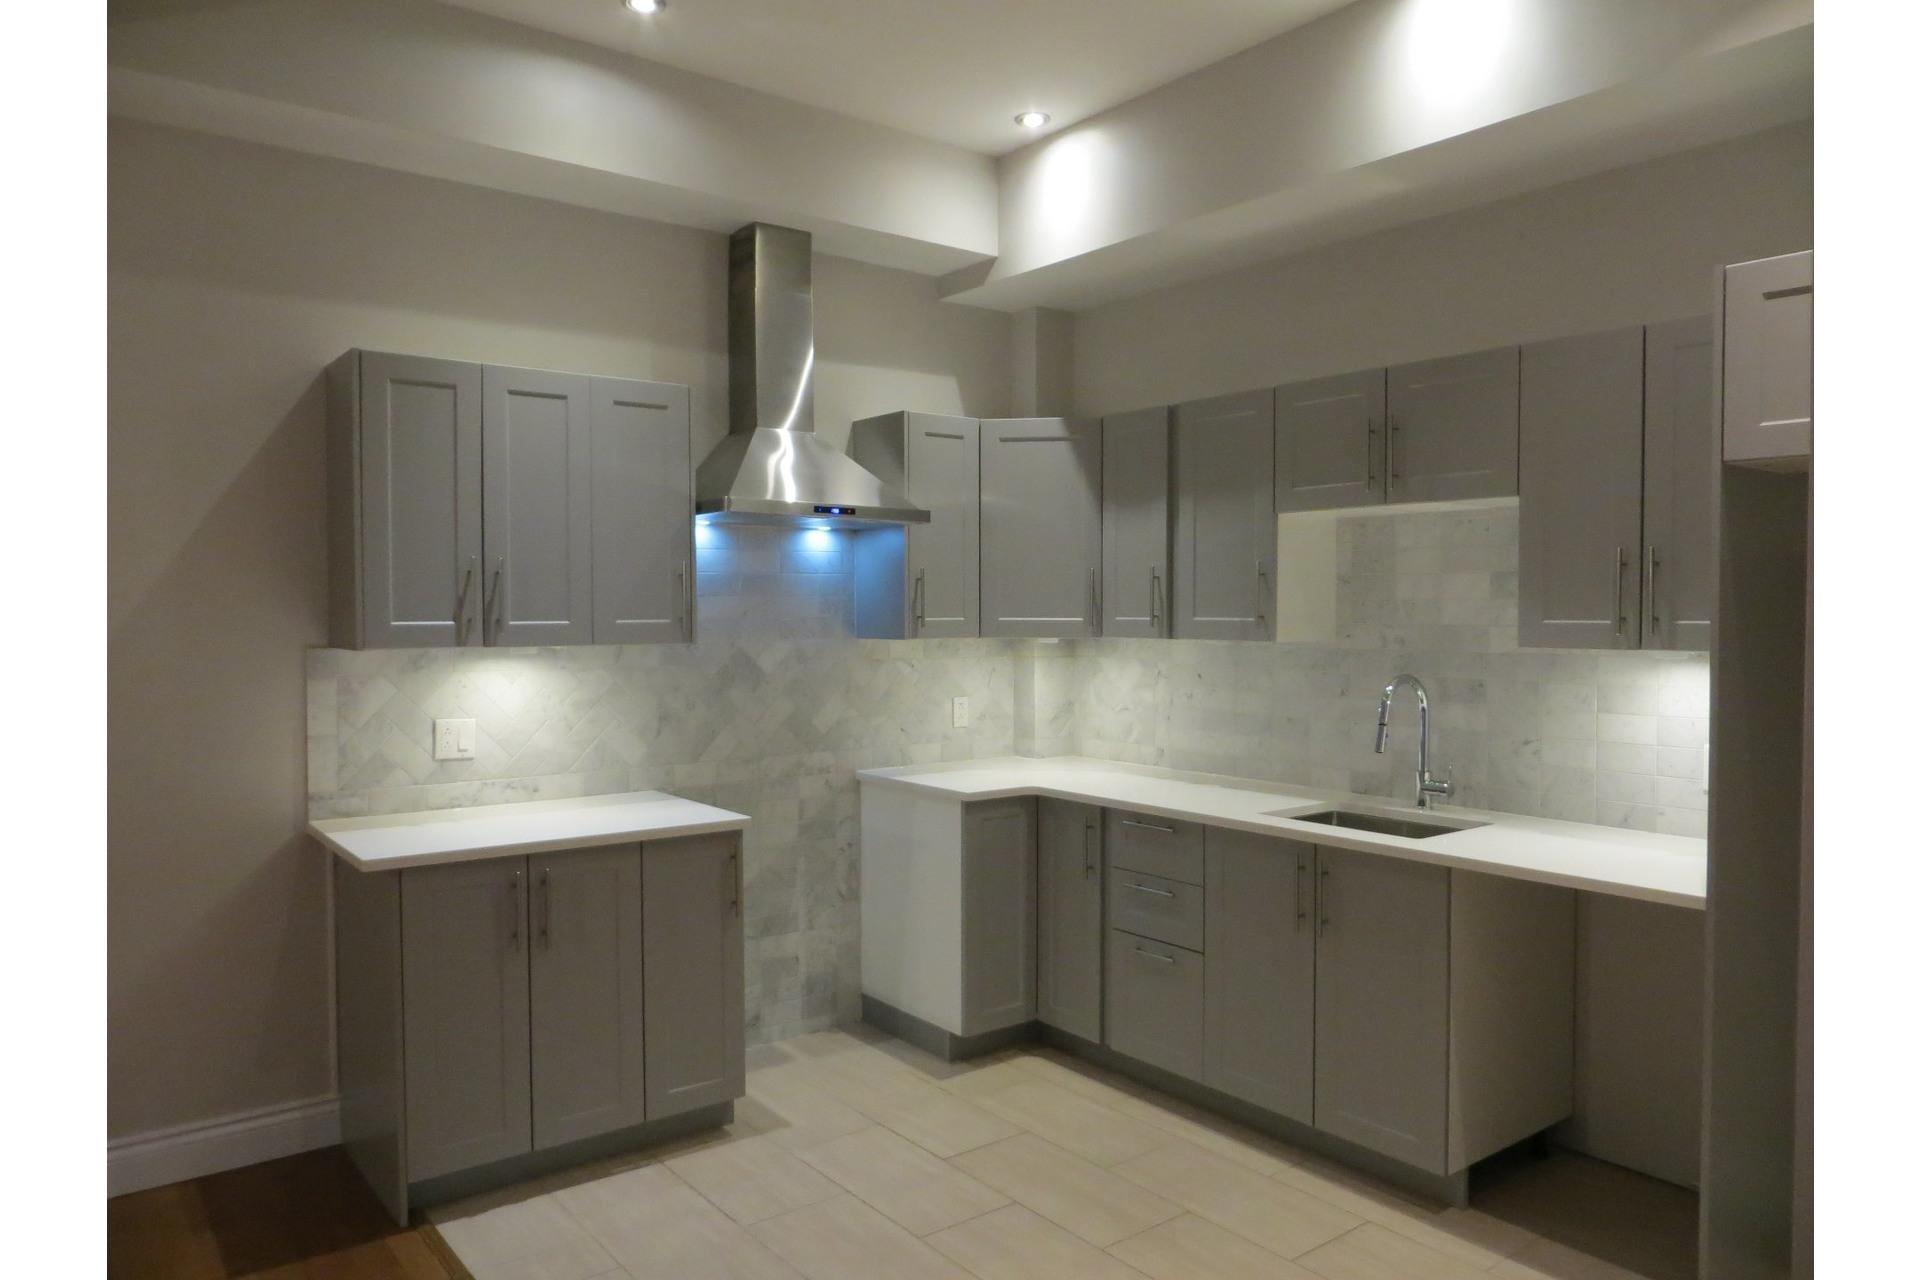 image 22 - Appartement À vendre Côte-des-Neiges/Notre-Dame-de-Grâce Montréal  - 5 pièces